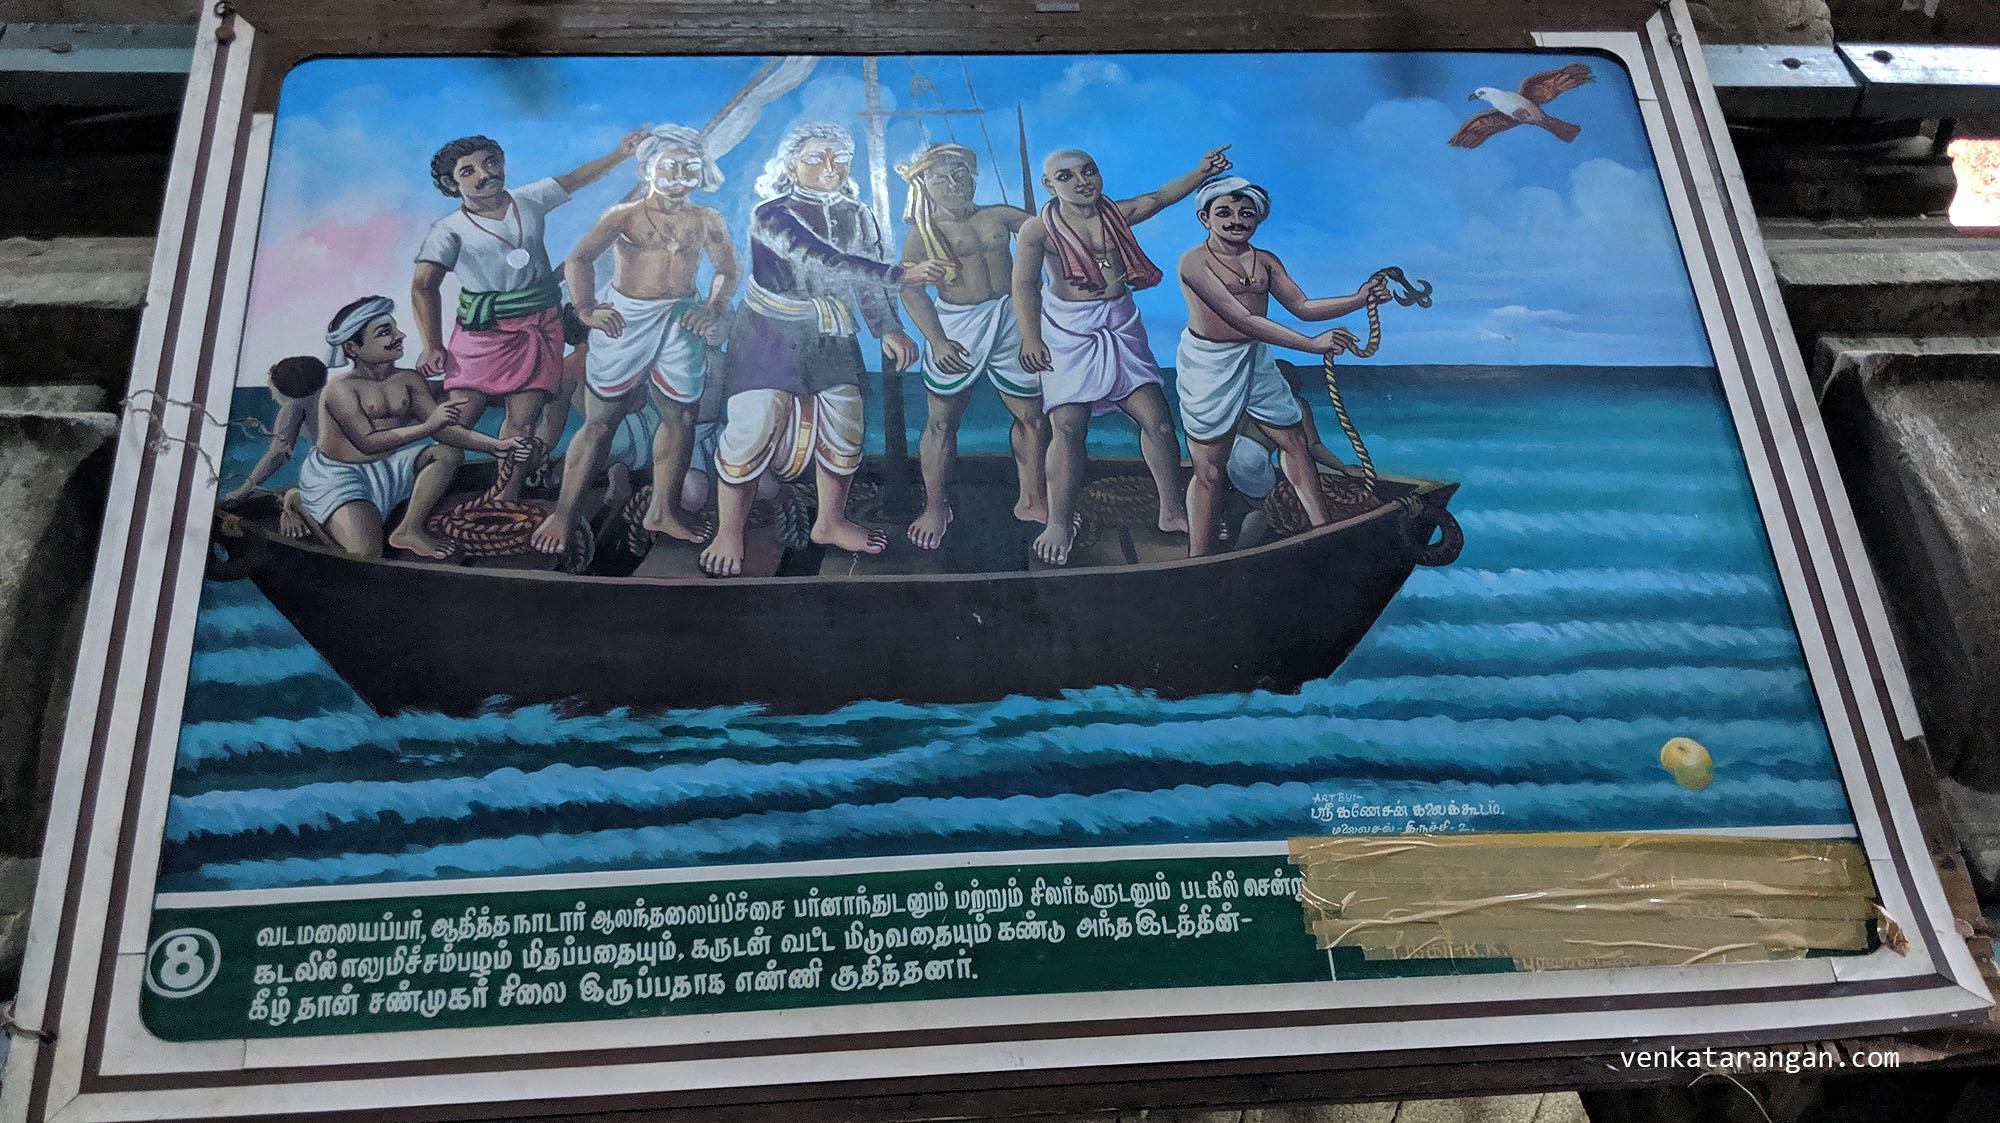 8. வடமலையப்பர், ஆதித்த நாடார், ஆலந்தலைப் பிச்சை பர்னாந்துடனும் சிலர்களுடனும் படகில் சென்று, கடலில் எழுமிச்சை பழம் மிதப்பதையும், கருடன் வட்டமிடுவதும் கண்டு, அந்த இடத்தின்- கீழ் தான் சண்முகர் இருப்பதாக எண்ணி குதித்தனர்.[Vadamalai Pillai and others went on a boat to the sea where they spotted the lemon floating and a Eagle flying over, considering it to be the spot, they sent divers in.]